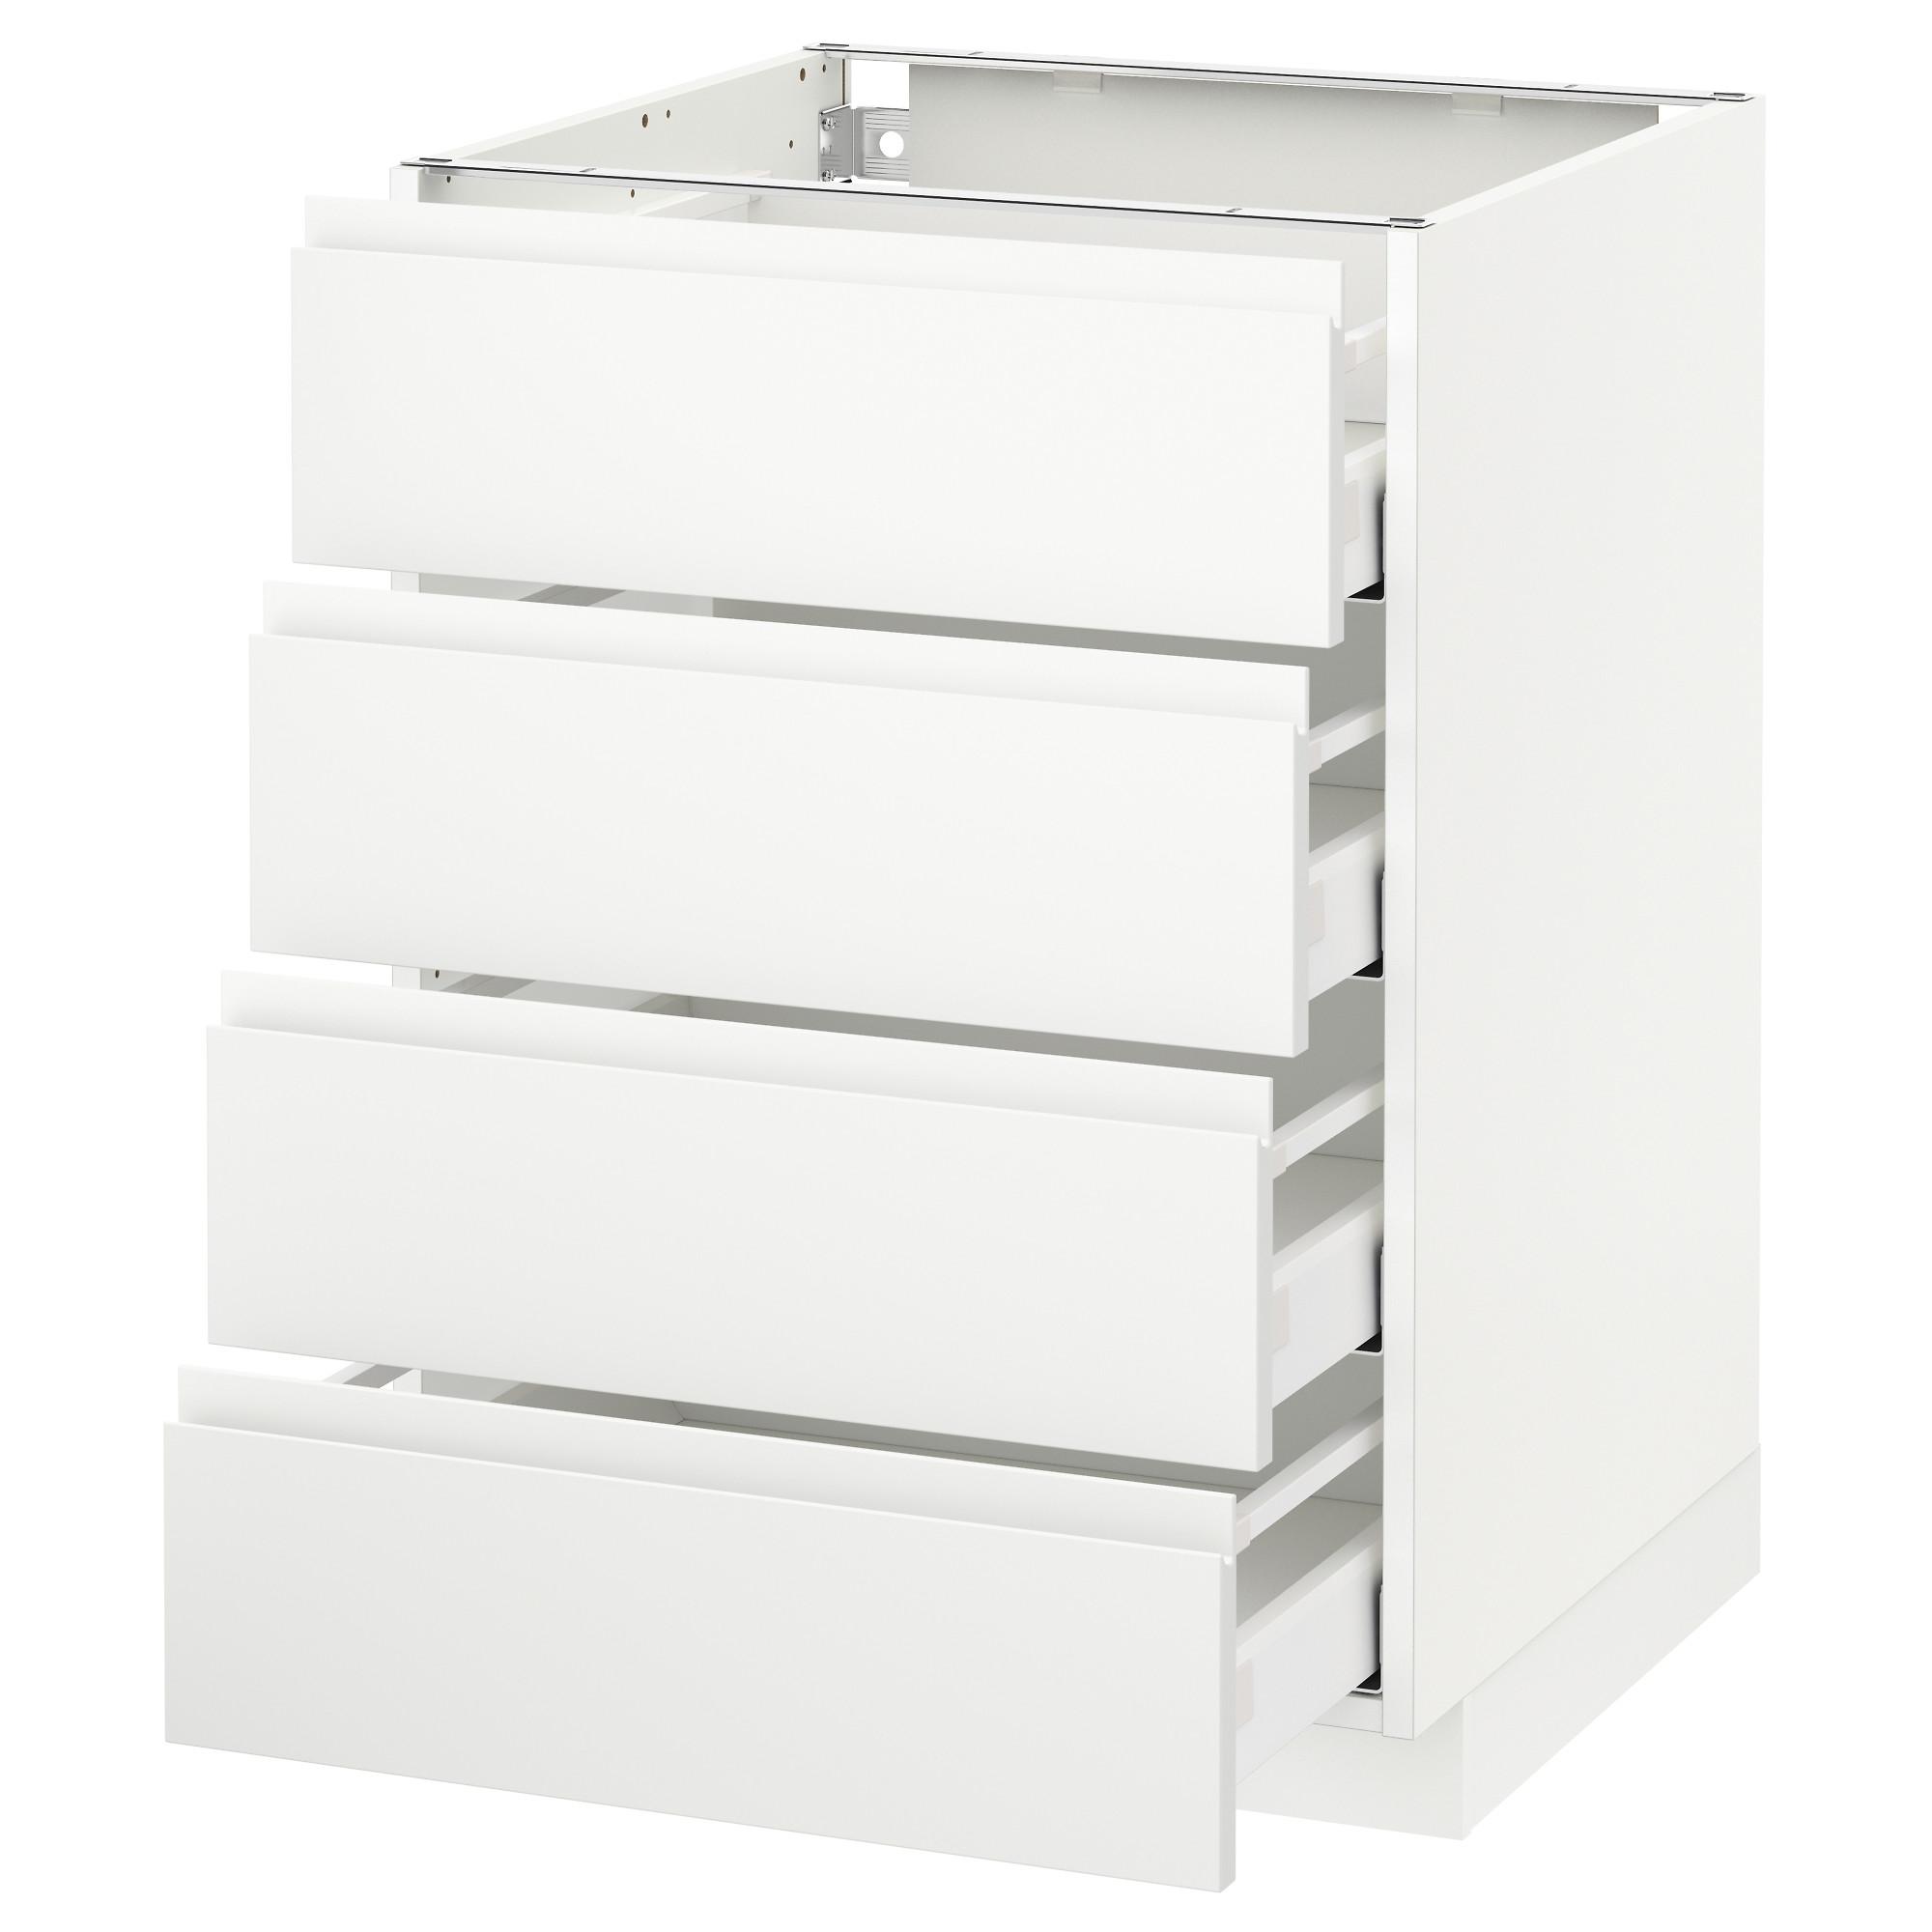 Напольный шкаф 4 фронтальных панели, 4 ящика МЕТОД / МАКСИМЕРА белый артикуль № 492.382.46 в наличии. Онлайн каталог IKEA Минск. Быстрая доставка и установка.